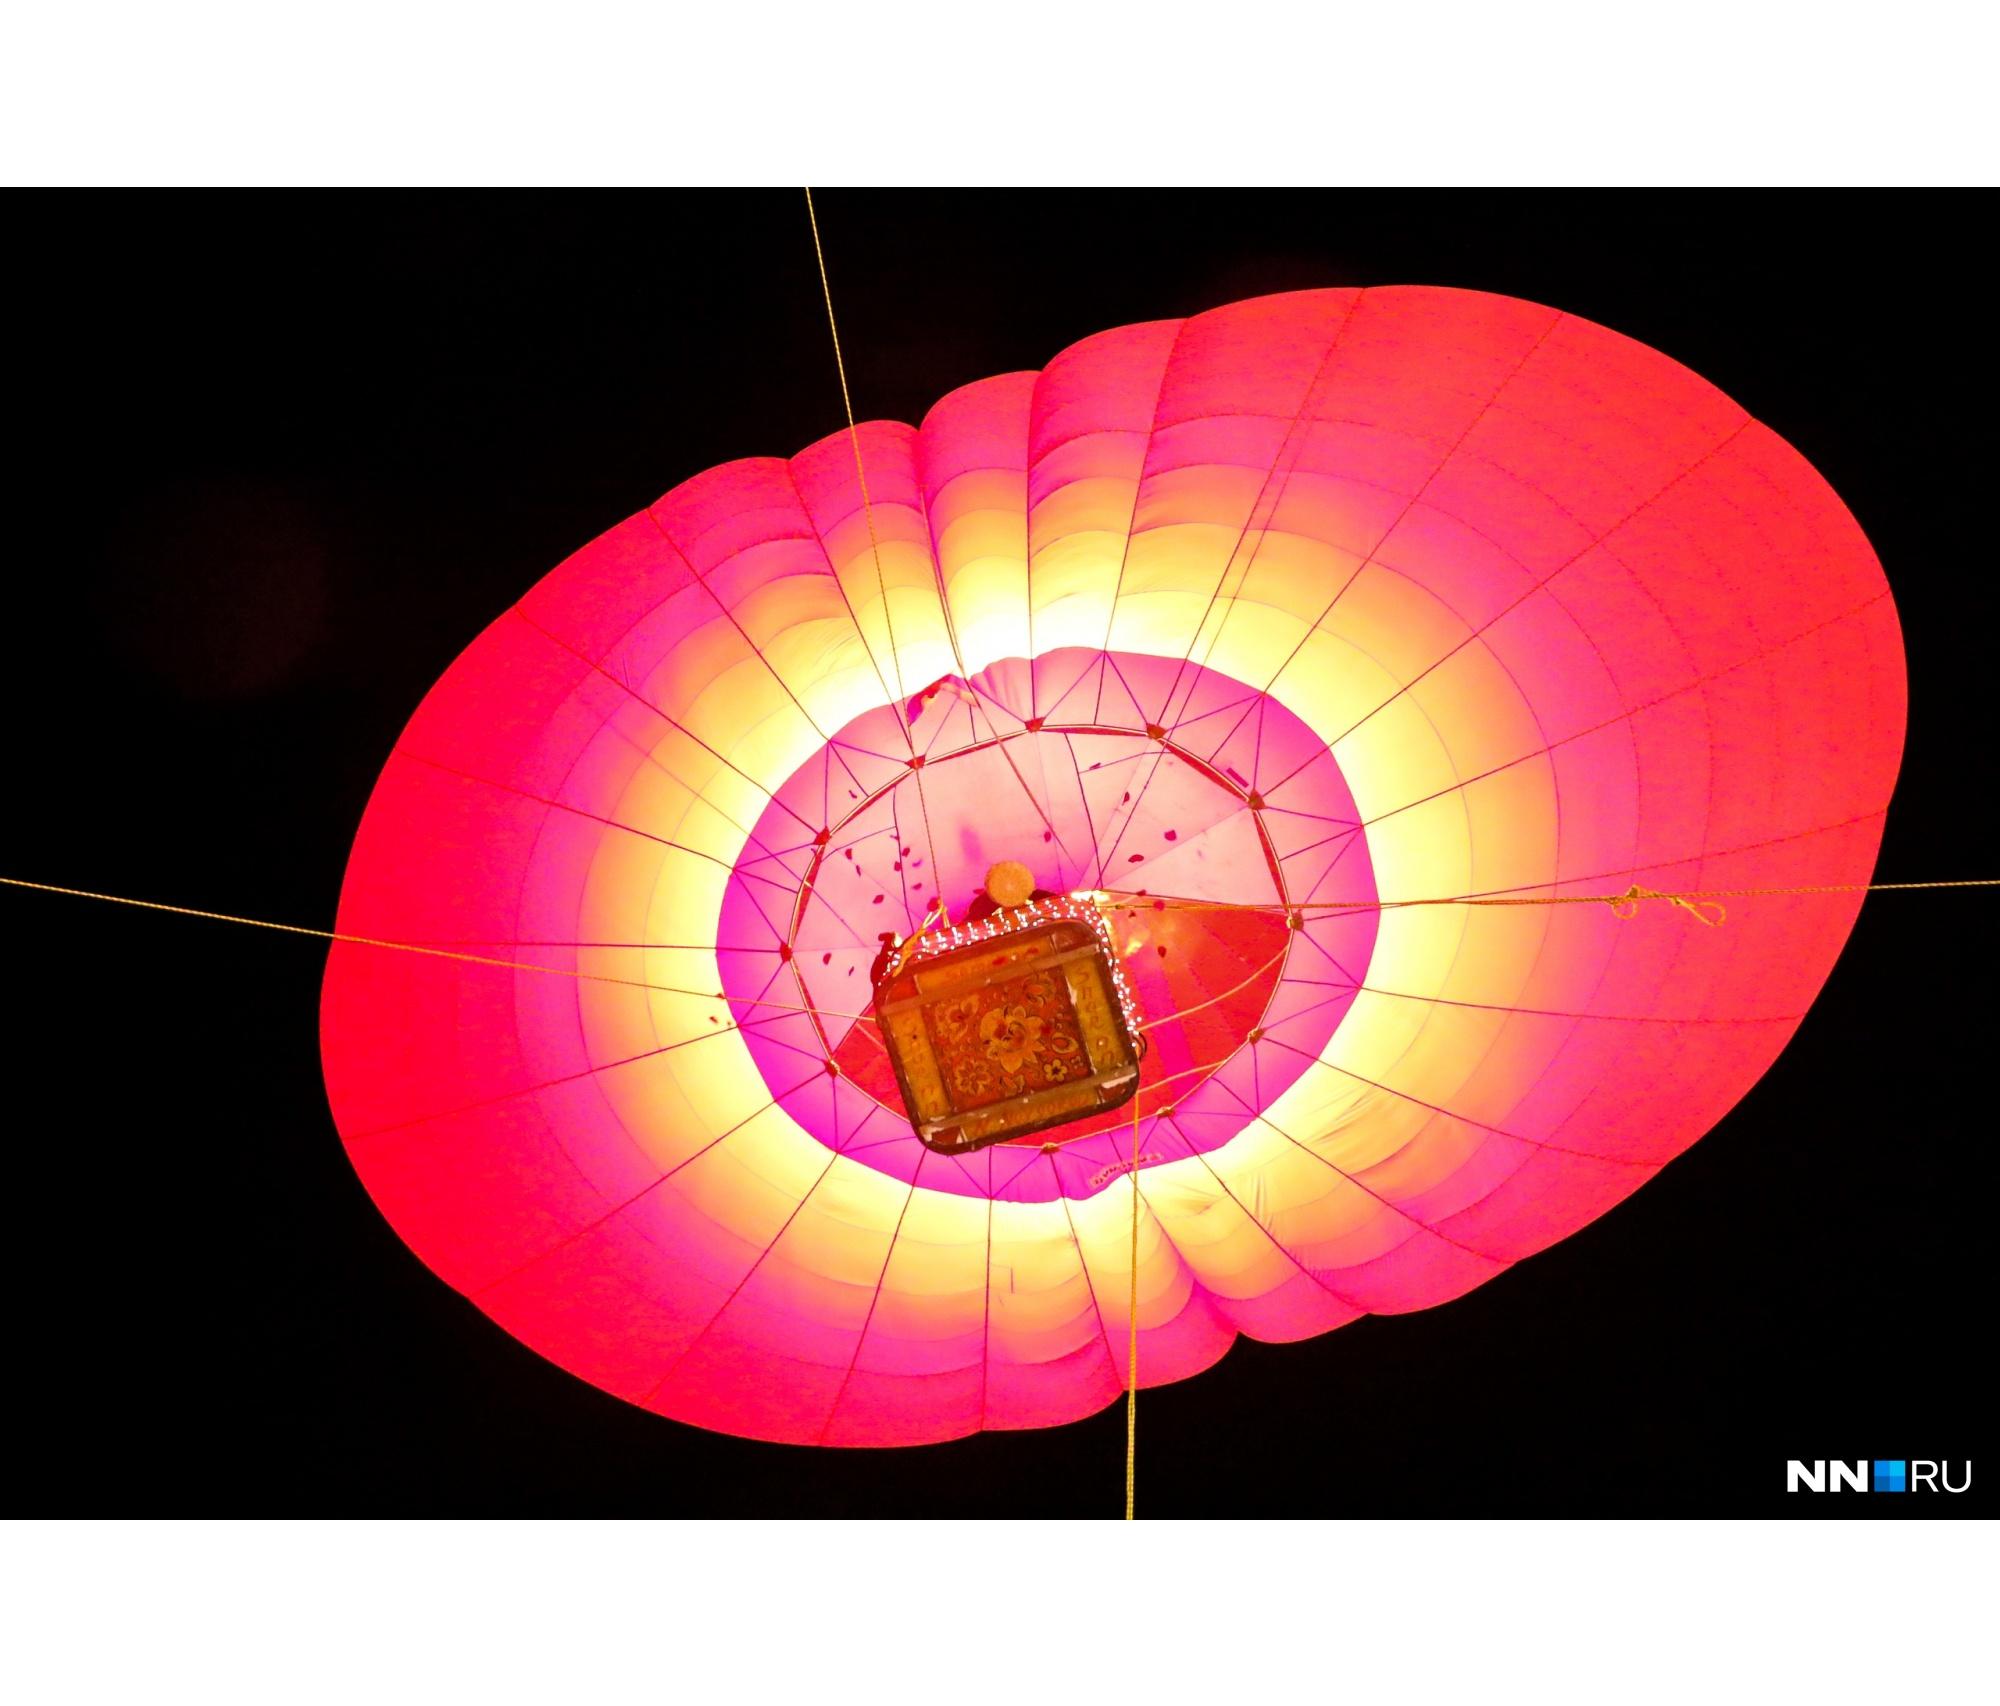 Вчера была отличная погода, поэтому всех желающих без проблем поднимали на воздушном шаре